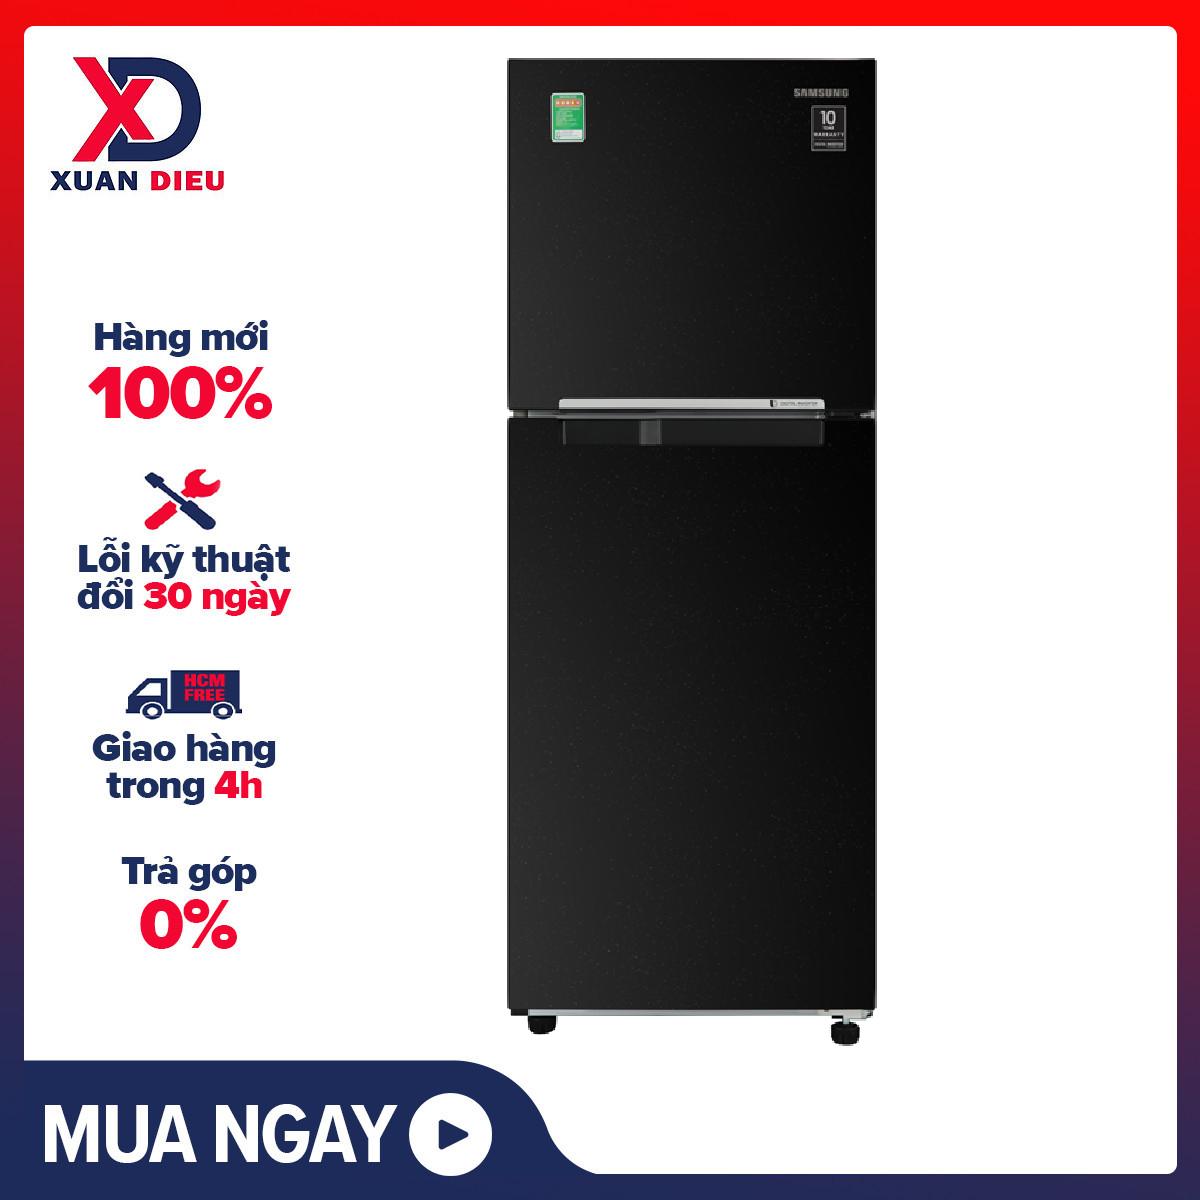 [Trả góp 0%]Tủ lạnh Samsung Inverter 208 lít RT20HAR8DBU/SV. Chế độ tiết kiệm điện:Công Nghệ Digital Inverter Công nghệ làm lạnh:Làm lạnh đa chiều Công nghệ kháng khuẩn khử mùi:Bộ lọc than hoạt tính Deodorizer.Inverter tiết kiệm